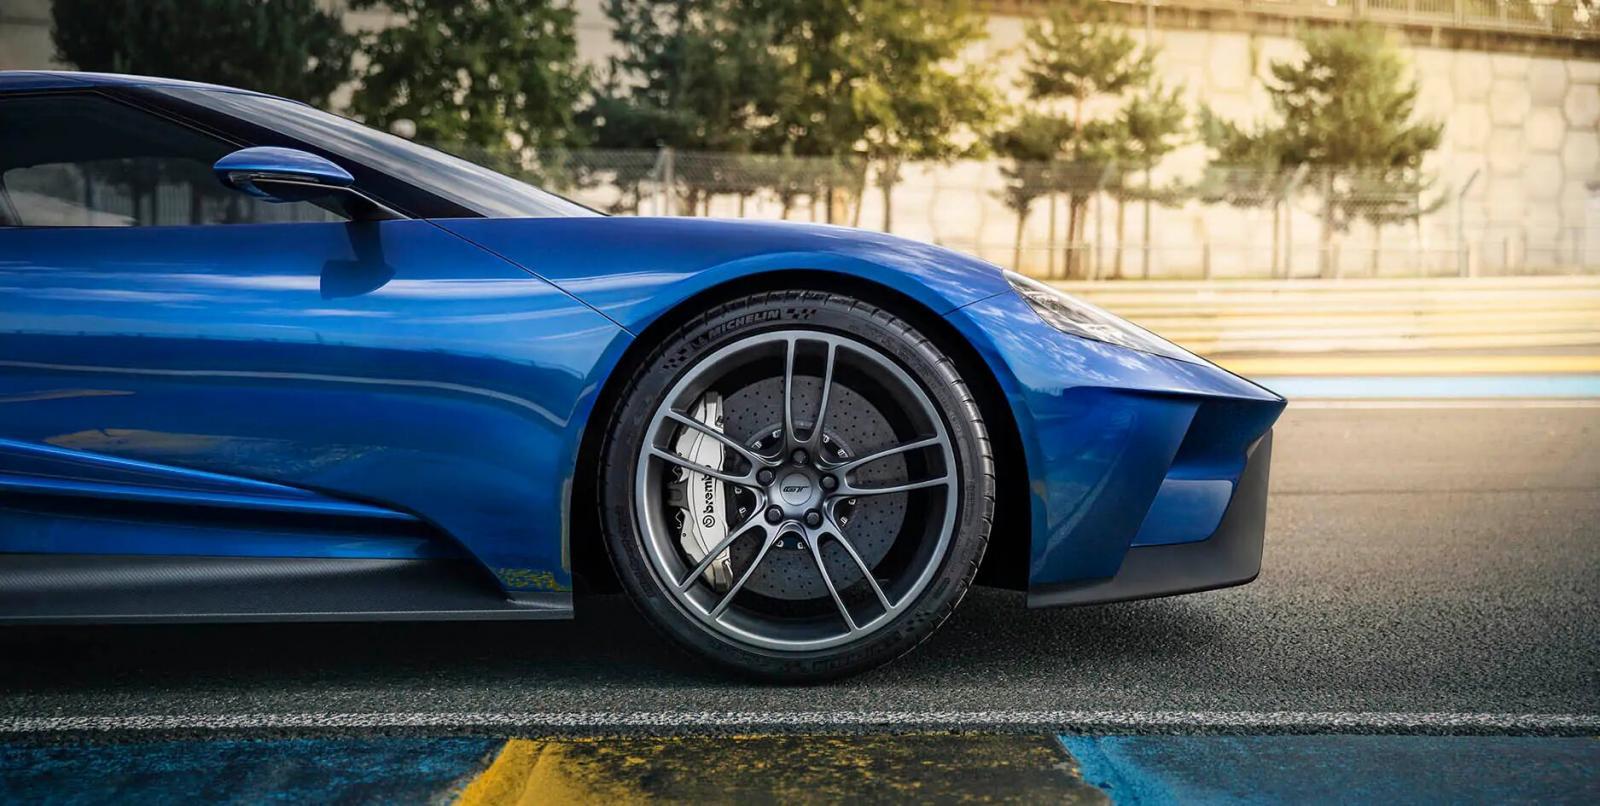 El Ford GT 2020 precio en México busca honrar su legado